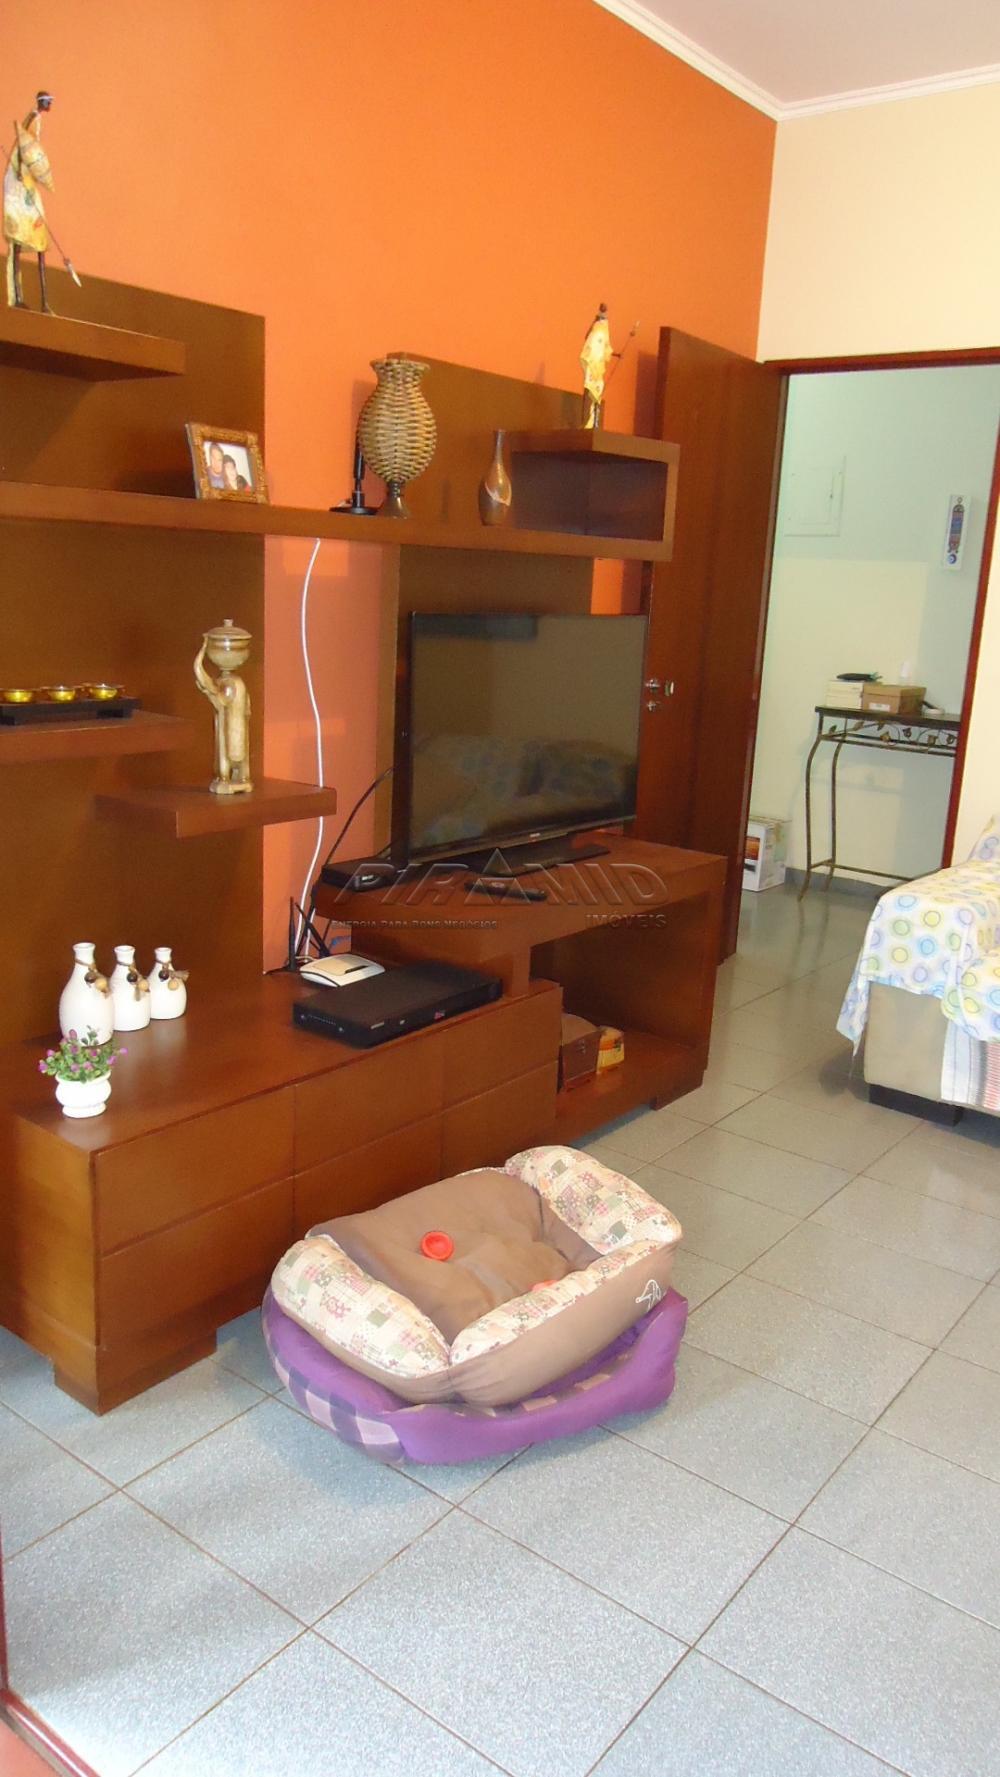 Alugar Casa / Padrão em Ribeirão Preto R$ 1.300,00 - Foto 5